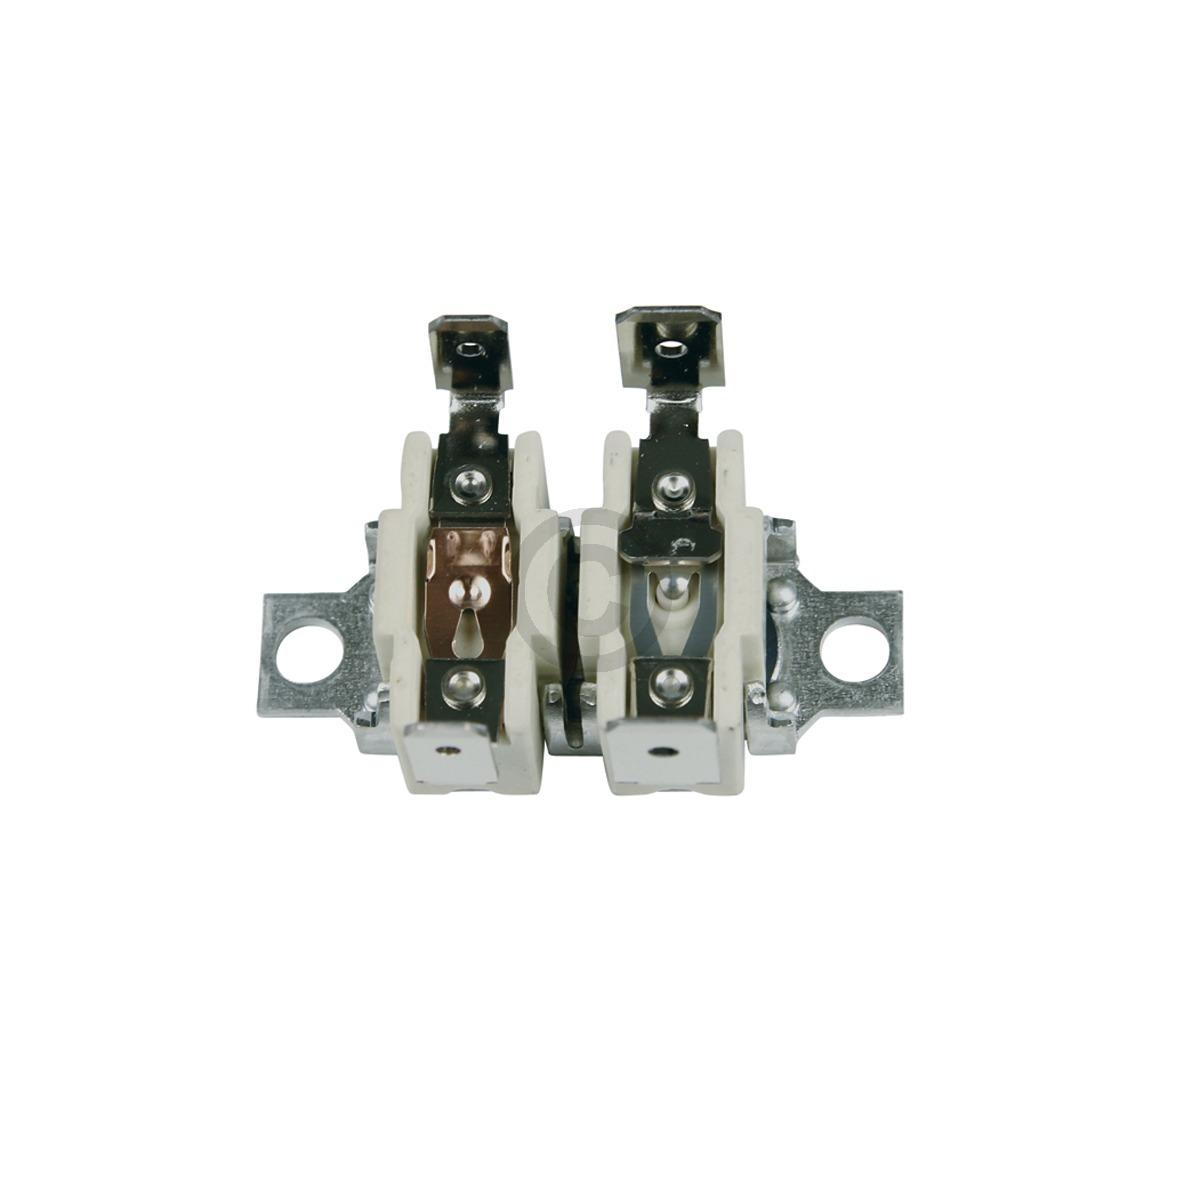 Temperaturbegrenzer Bosch 00626167 Original Doppelklixon 85°C 200°C für Backofen